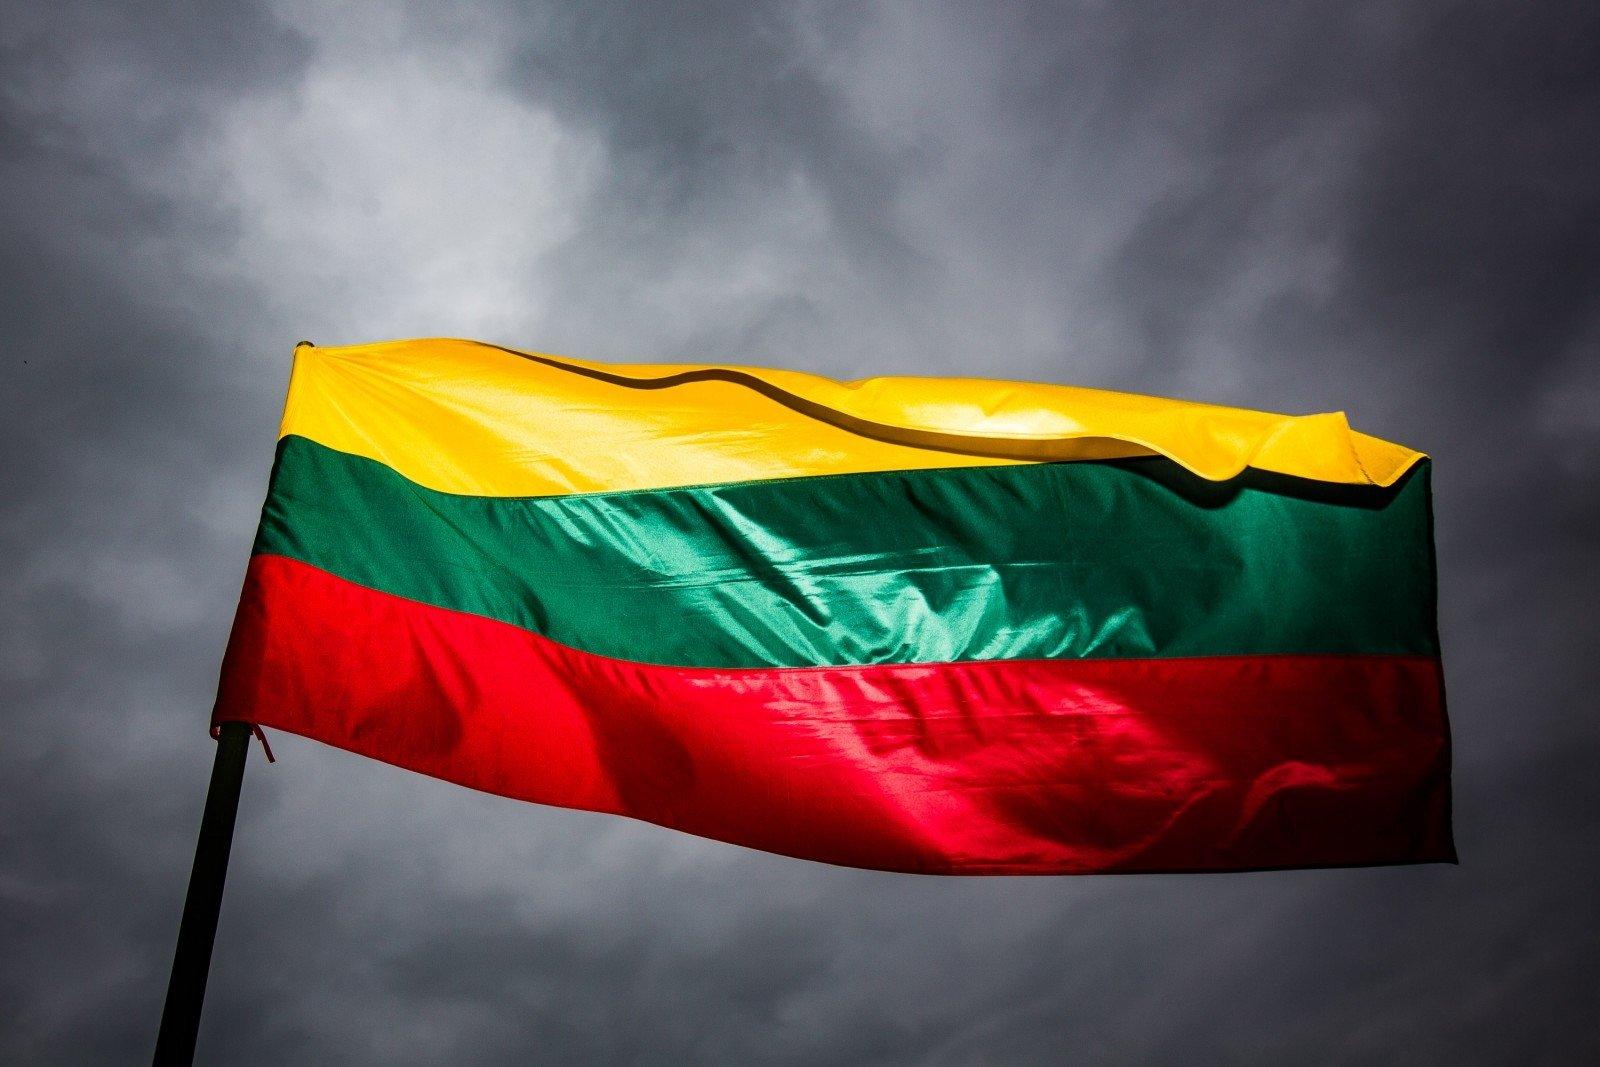 Паника в Литве: бизнес хочет выйти из кризиса за счет России